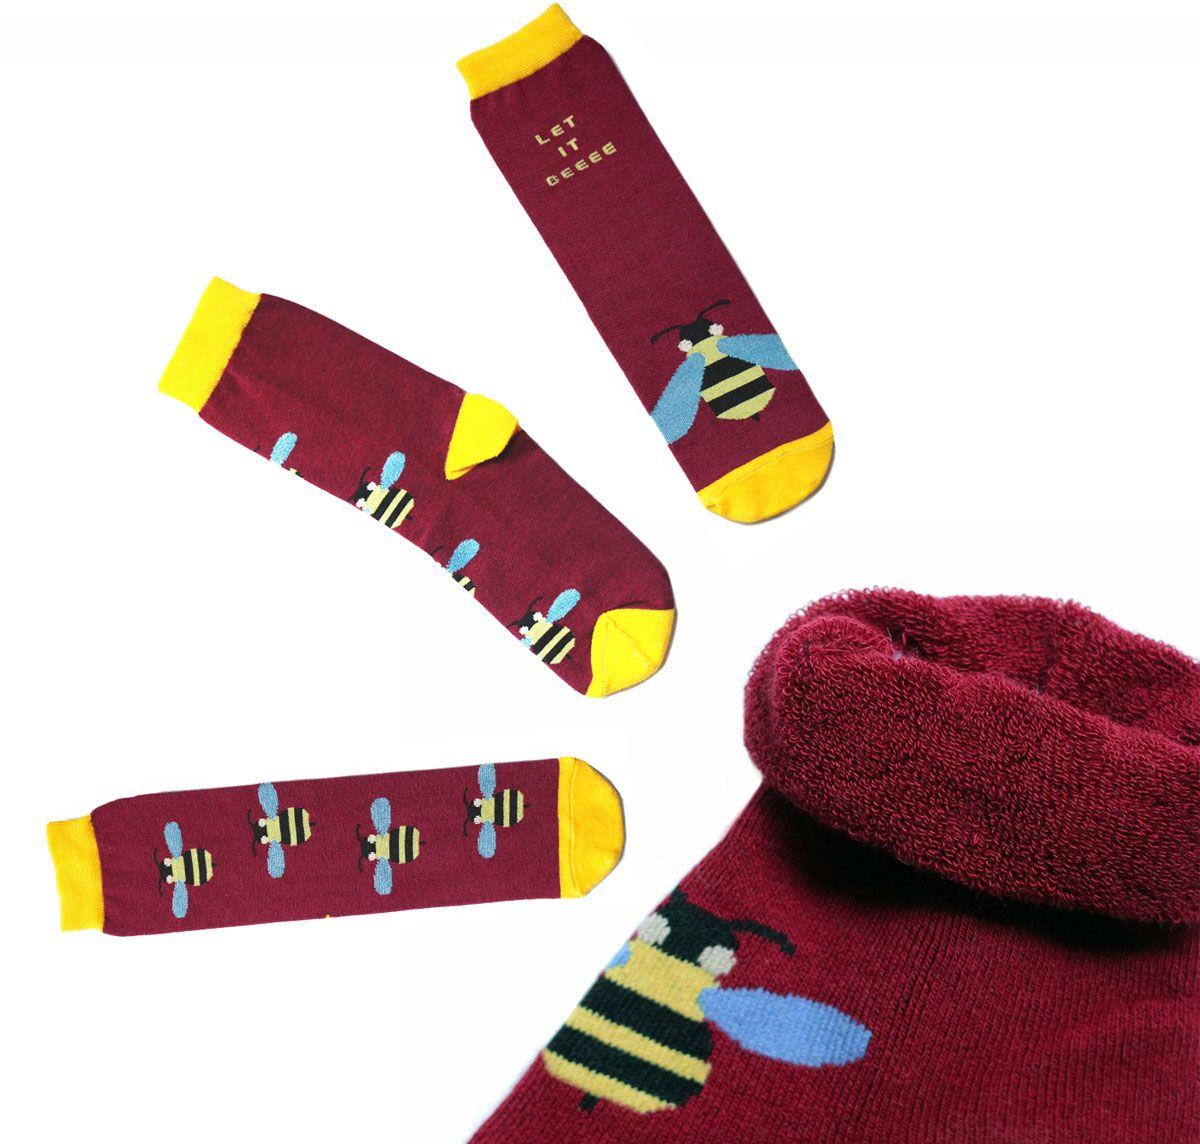 ca11033Мужские махровые носки Big Bang Socks изготовлены из высококачественного хлопка с добавлением полиамидных и эластановых волокон, которые обеспечивают великолепную посадку. Удобная резинка идеально облегает ногу и не пережимает сосуды, а удлиненный паголенок придает более эстетичный вид. Мысок и пятка усилены. Модель оформлена принтом с изображением ос и надписью Let it beeee.